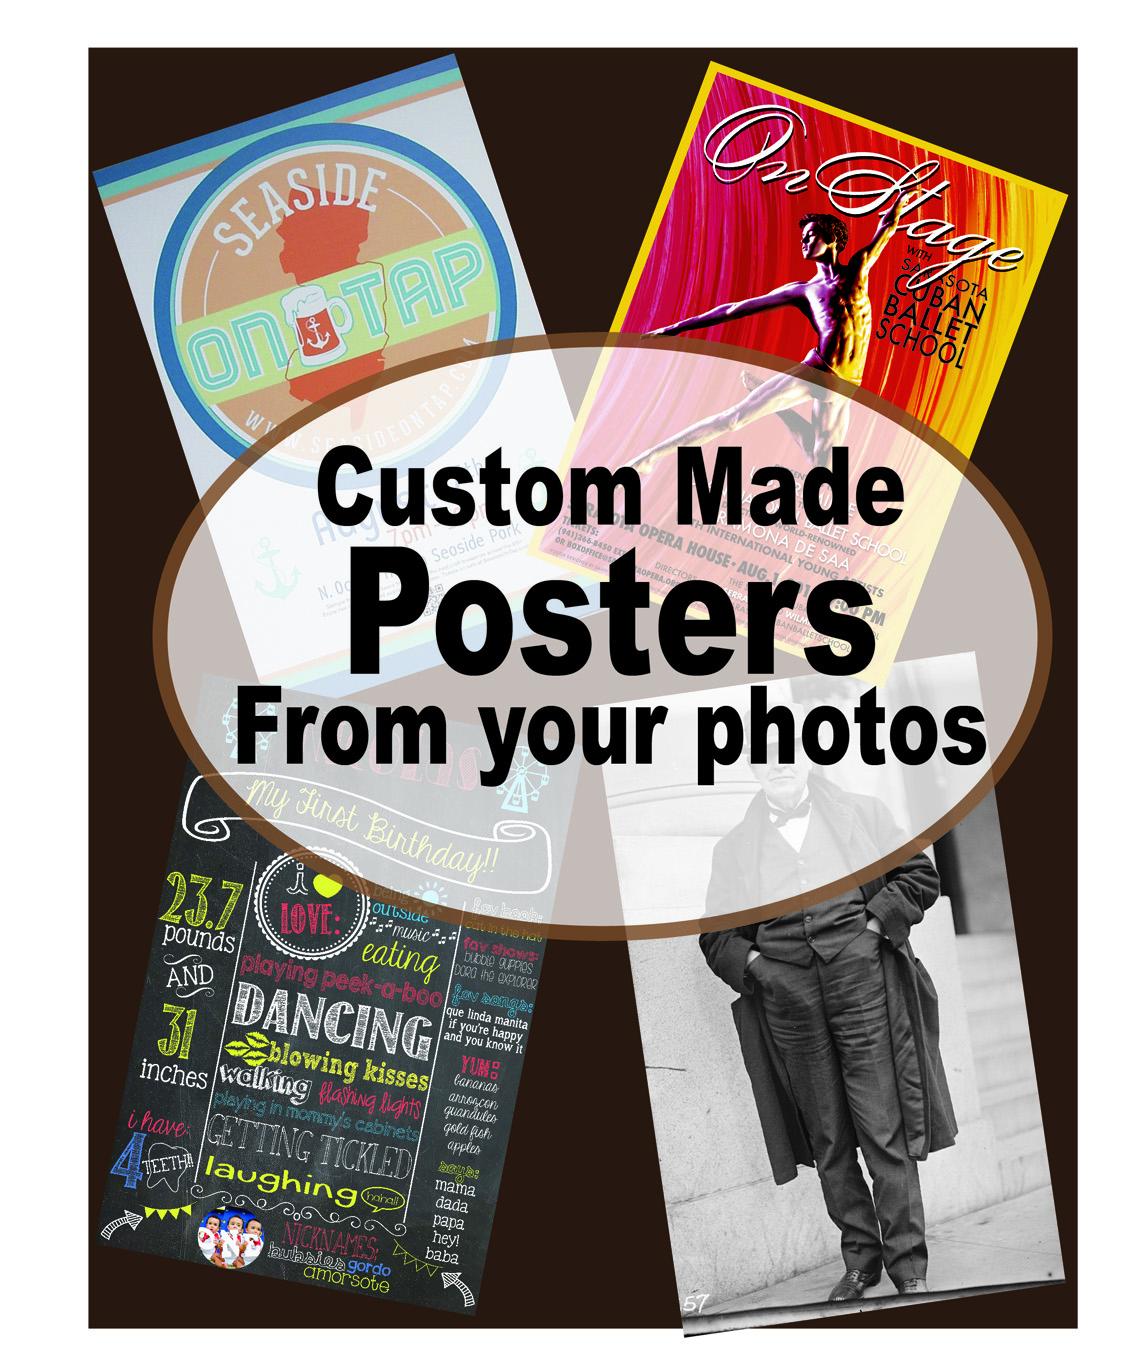 poster-art-file-new.jpg